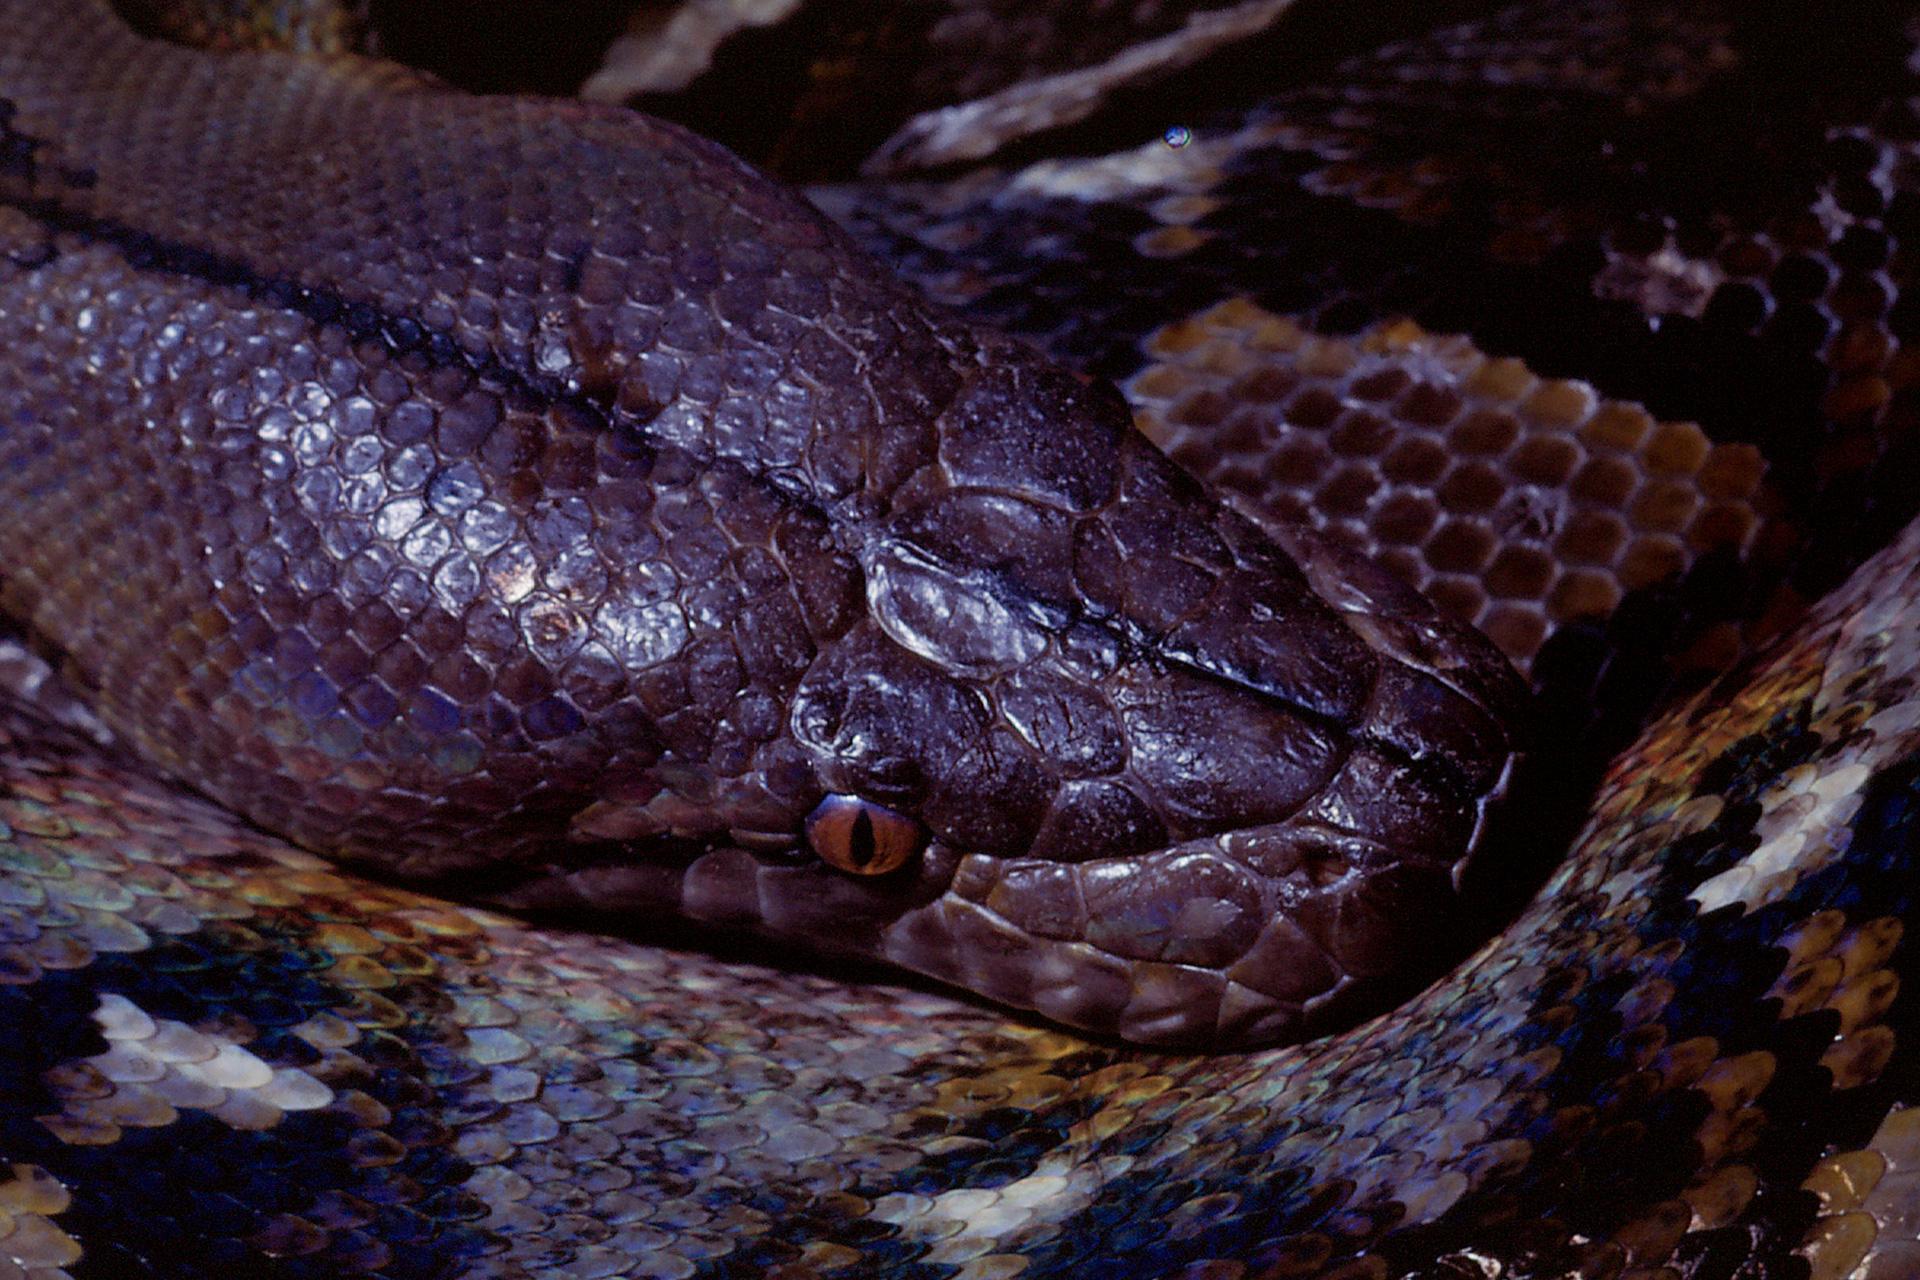 1970 Python reticulatus, asiatische Netzpython (Diapositiv)